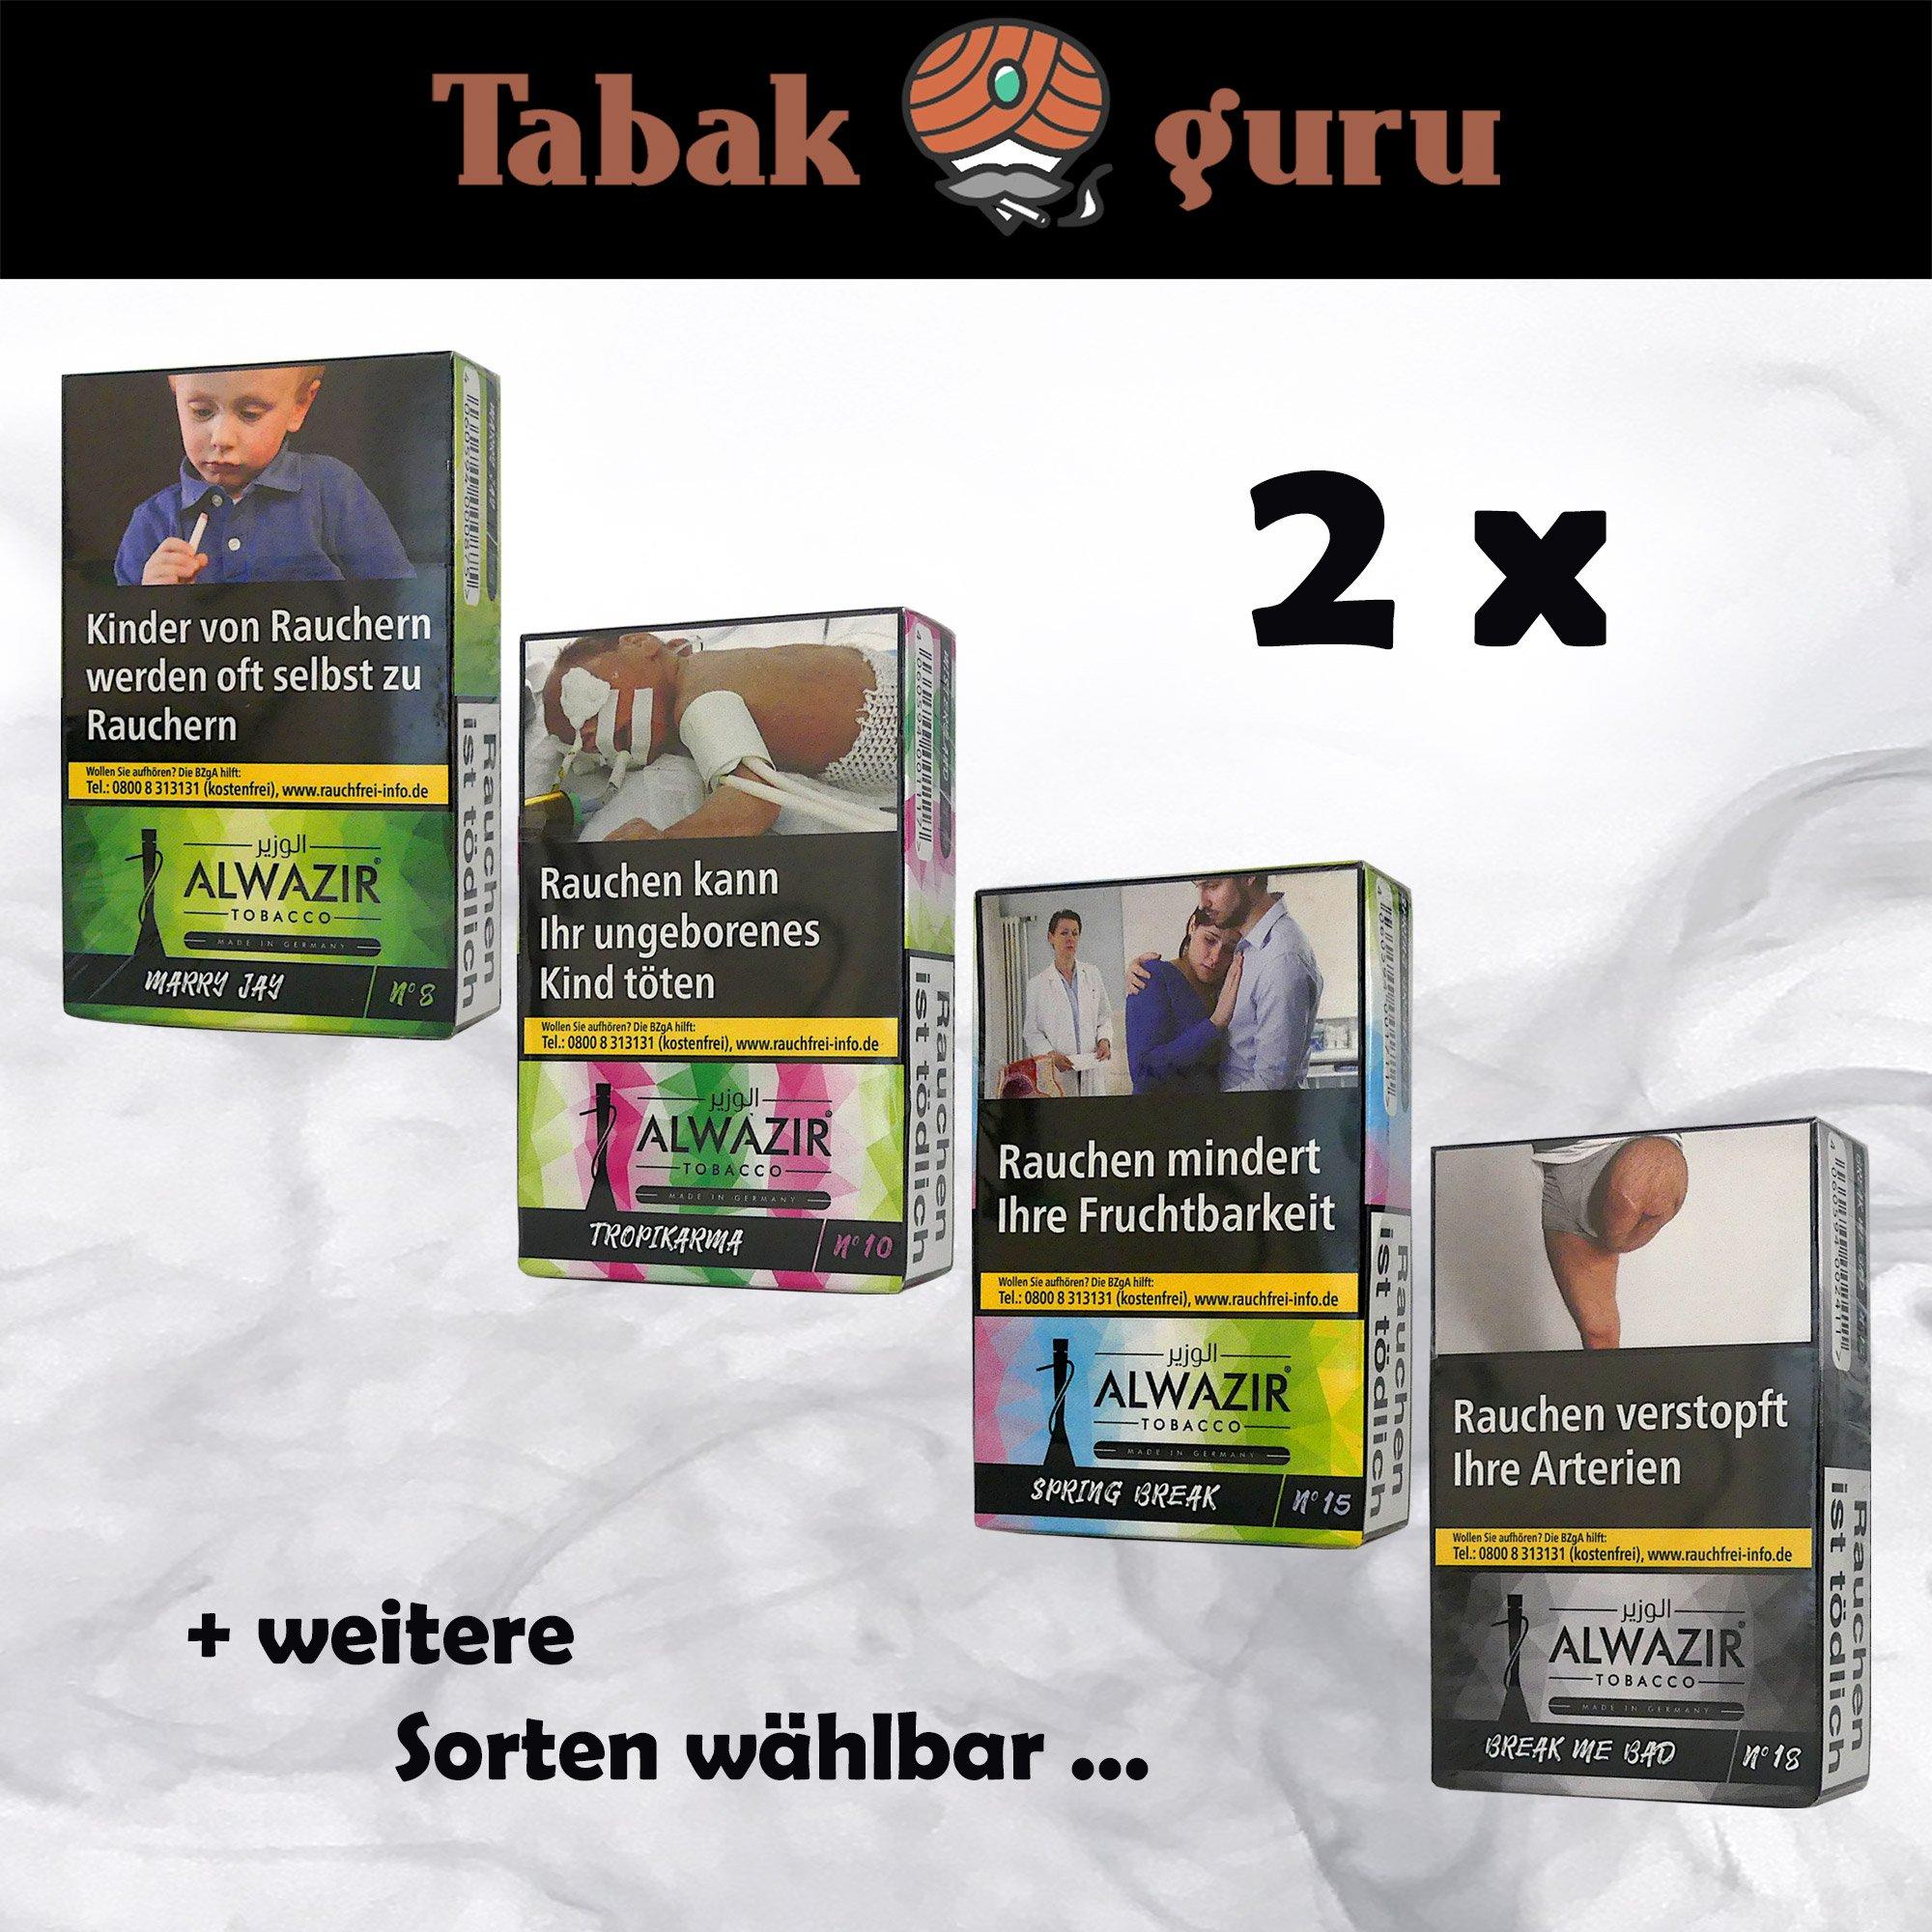 2 Packs Alwazir Shisha Tabak 50g - alle Sorten wählbar